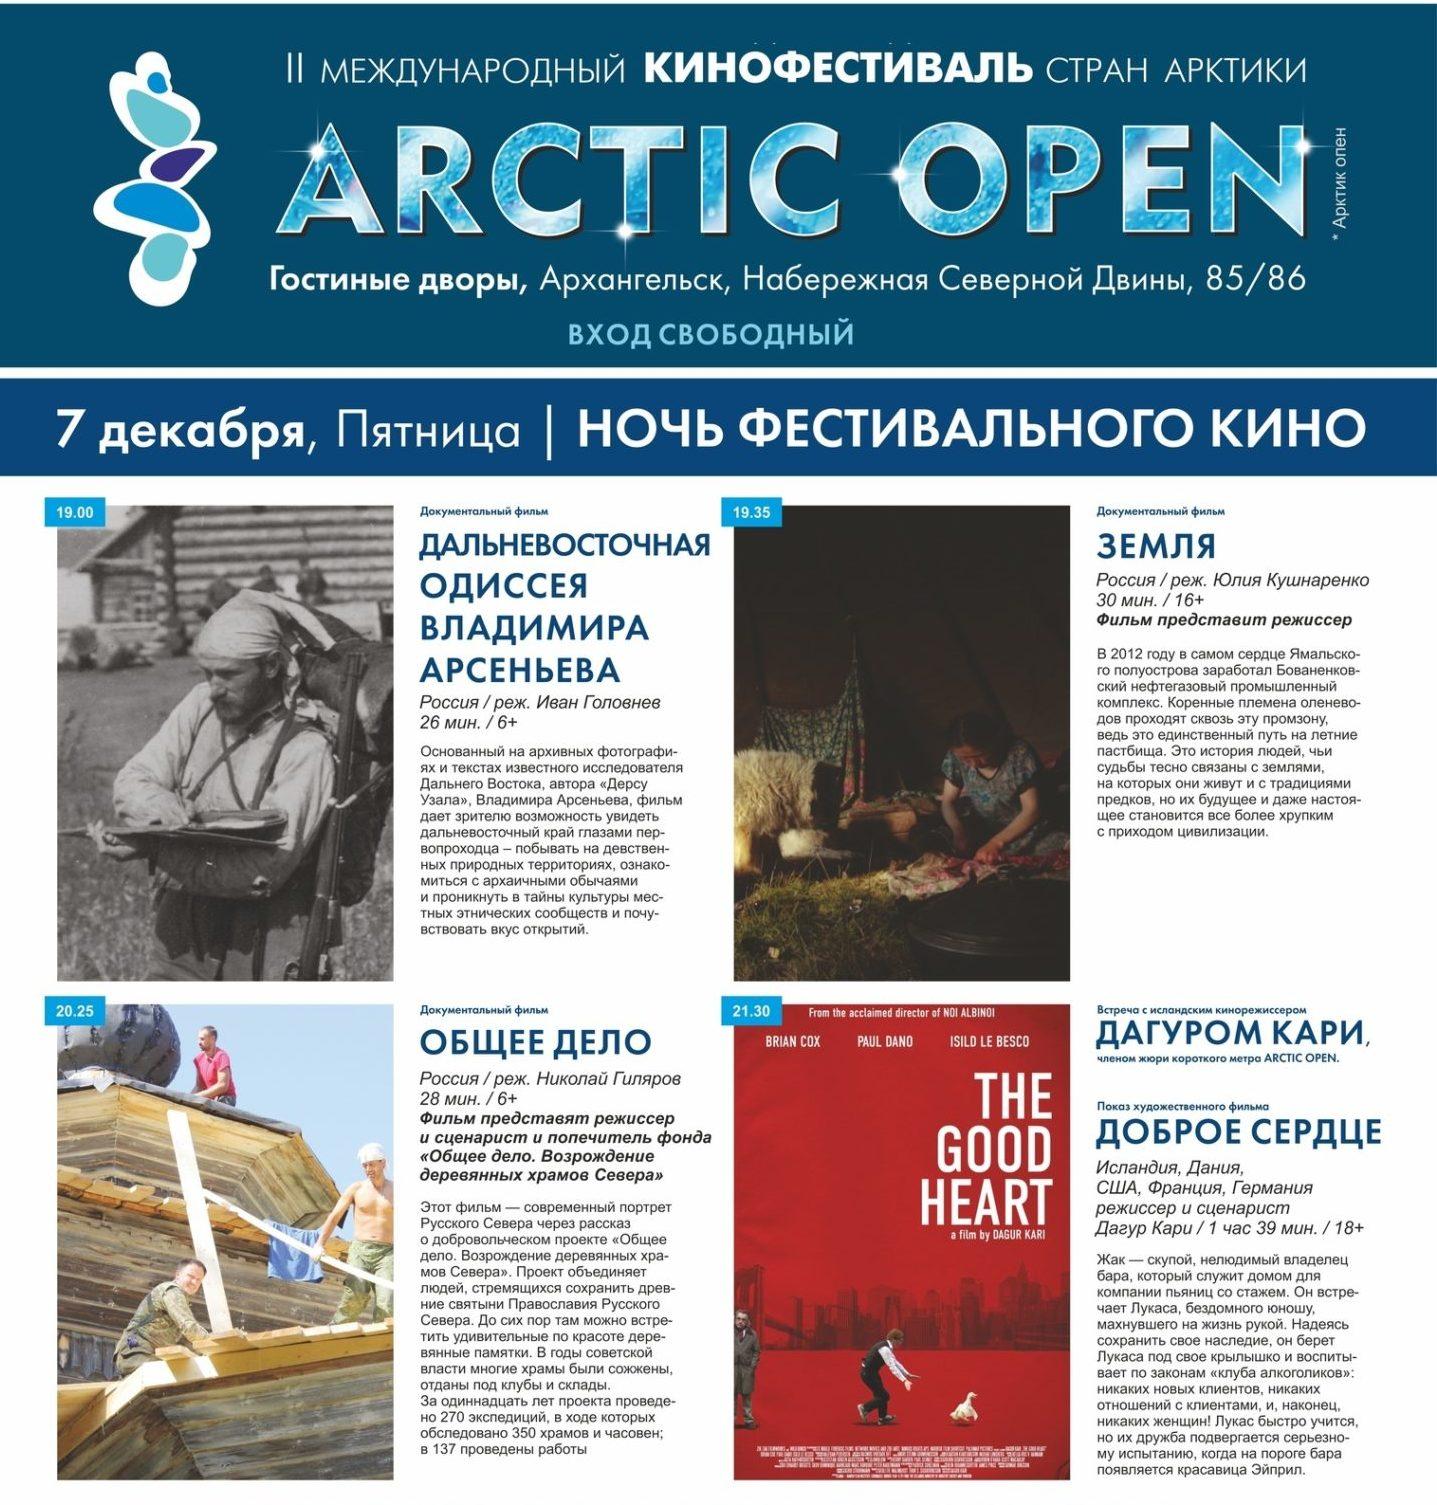 Кинопоказы в рамках Arctic Open